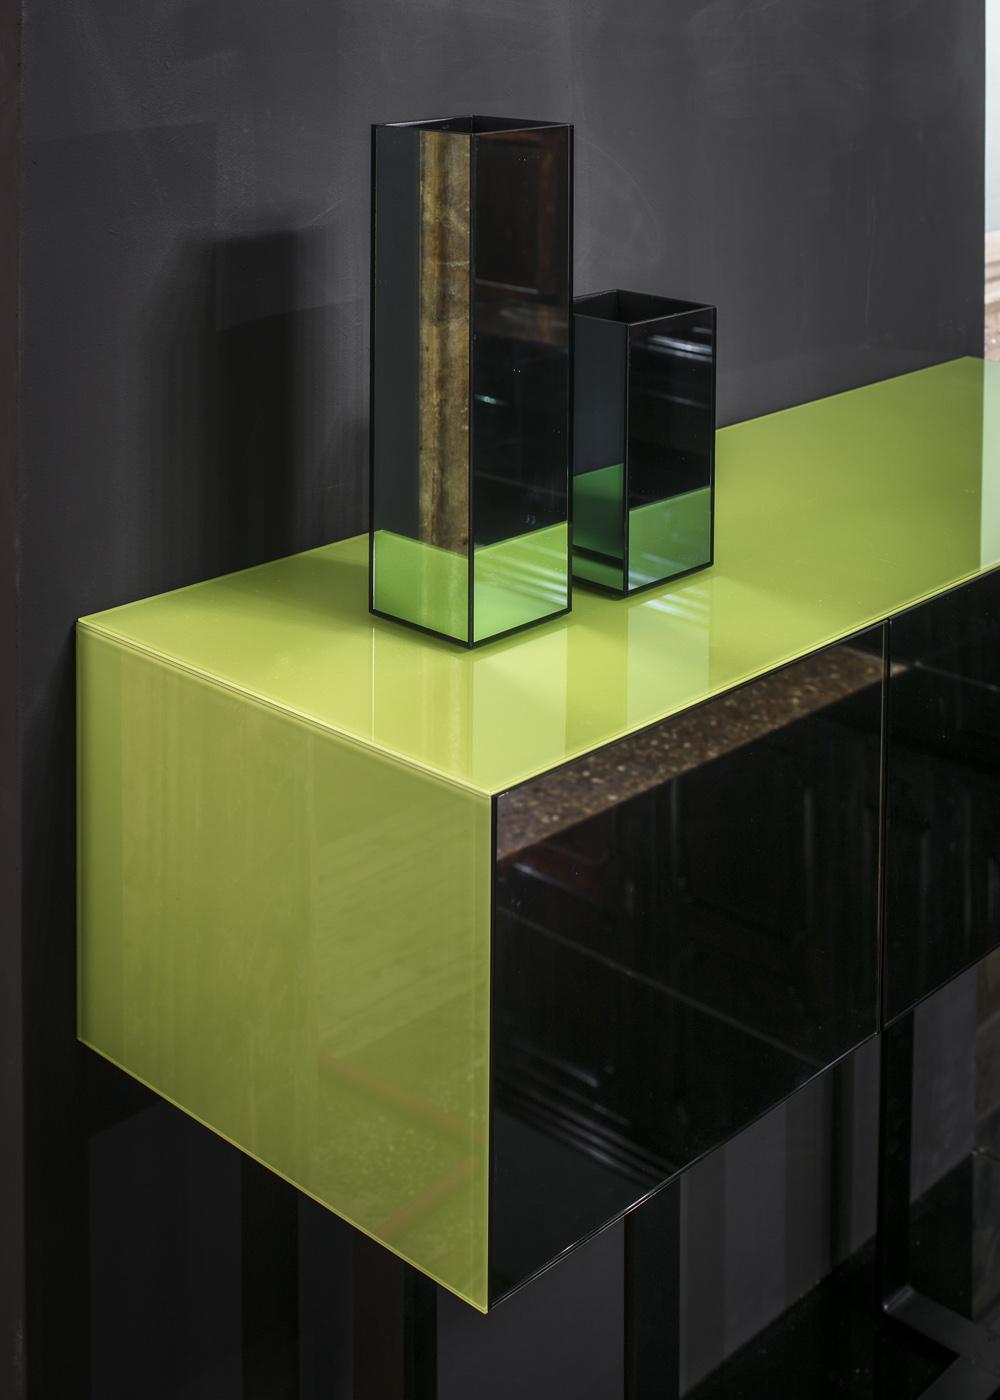 vb colors 03 – la consolle verde vuole elogiare il colore simbolo della natura attraverso forme raffinate e senza tempo.